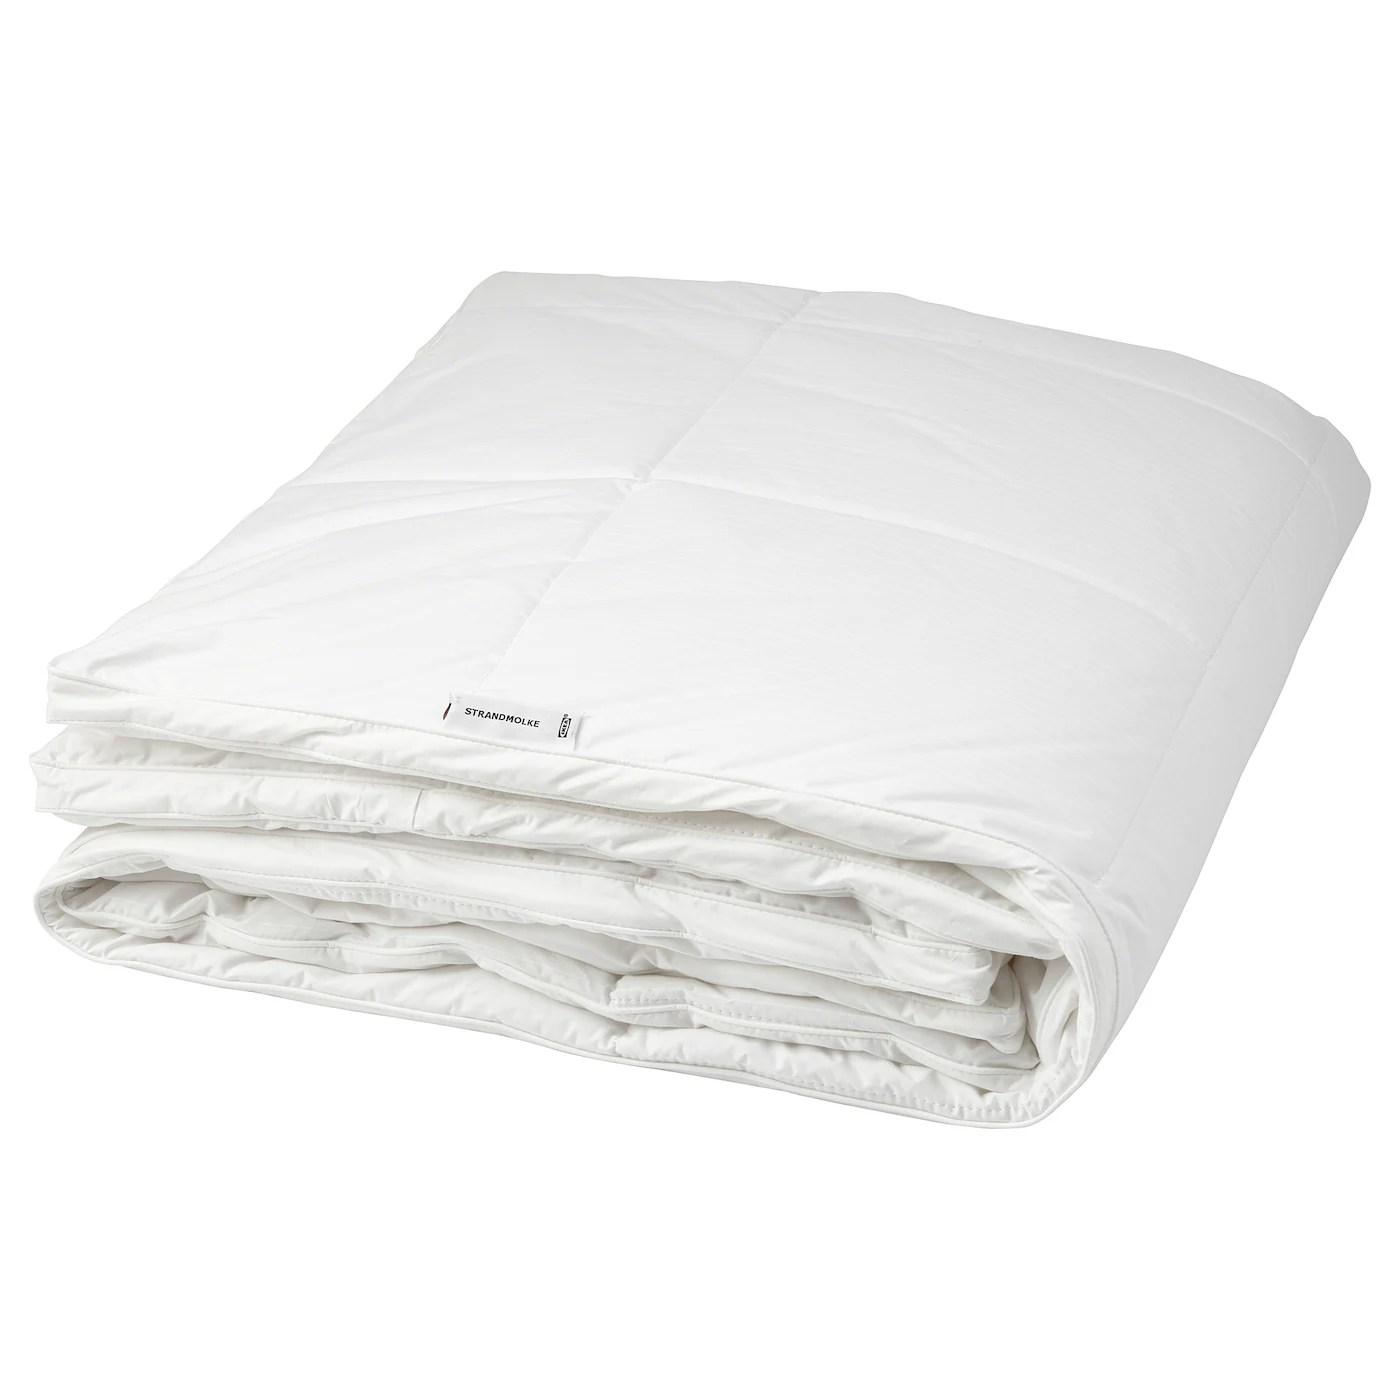 Ikea da letto piumone con calugine, quattro stagioni coperta 155 x 220 cm. Piumini Trapunte E Piumoni Ikea It